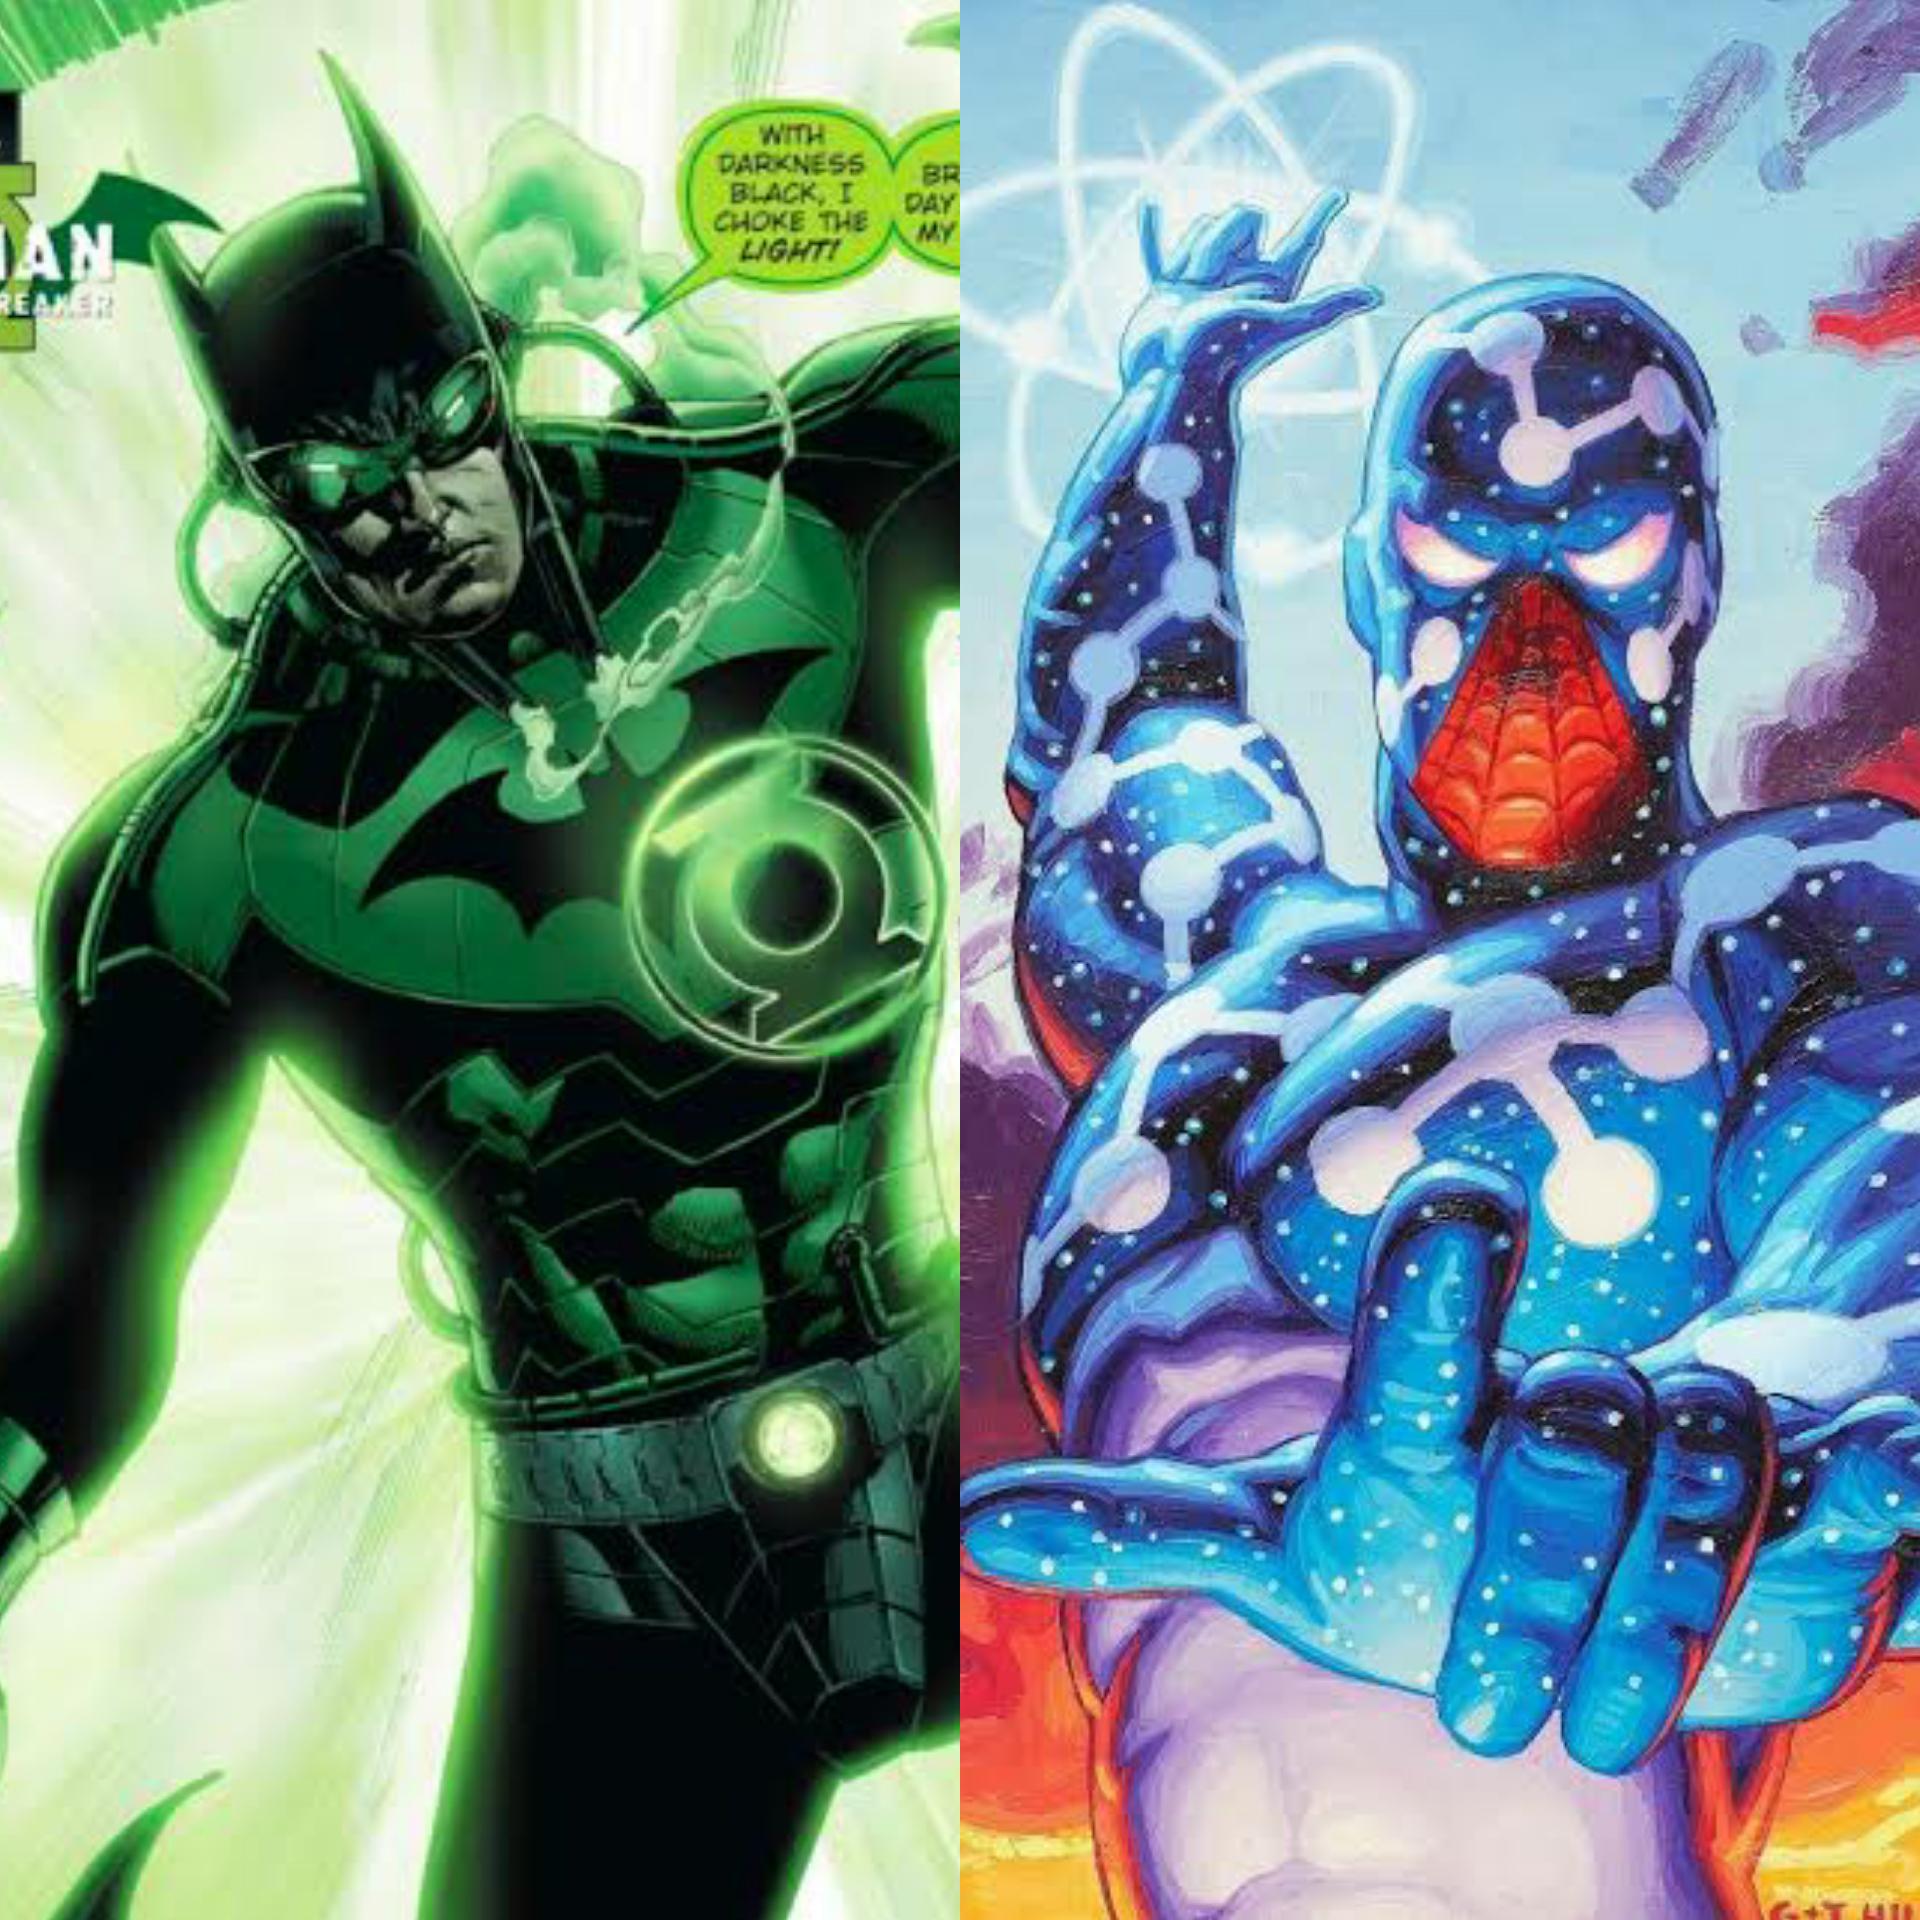 Bats vs Spiders #2